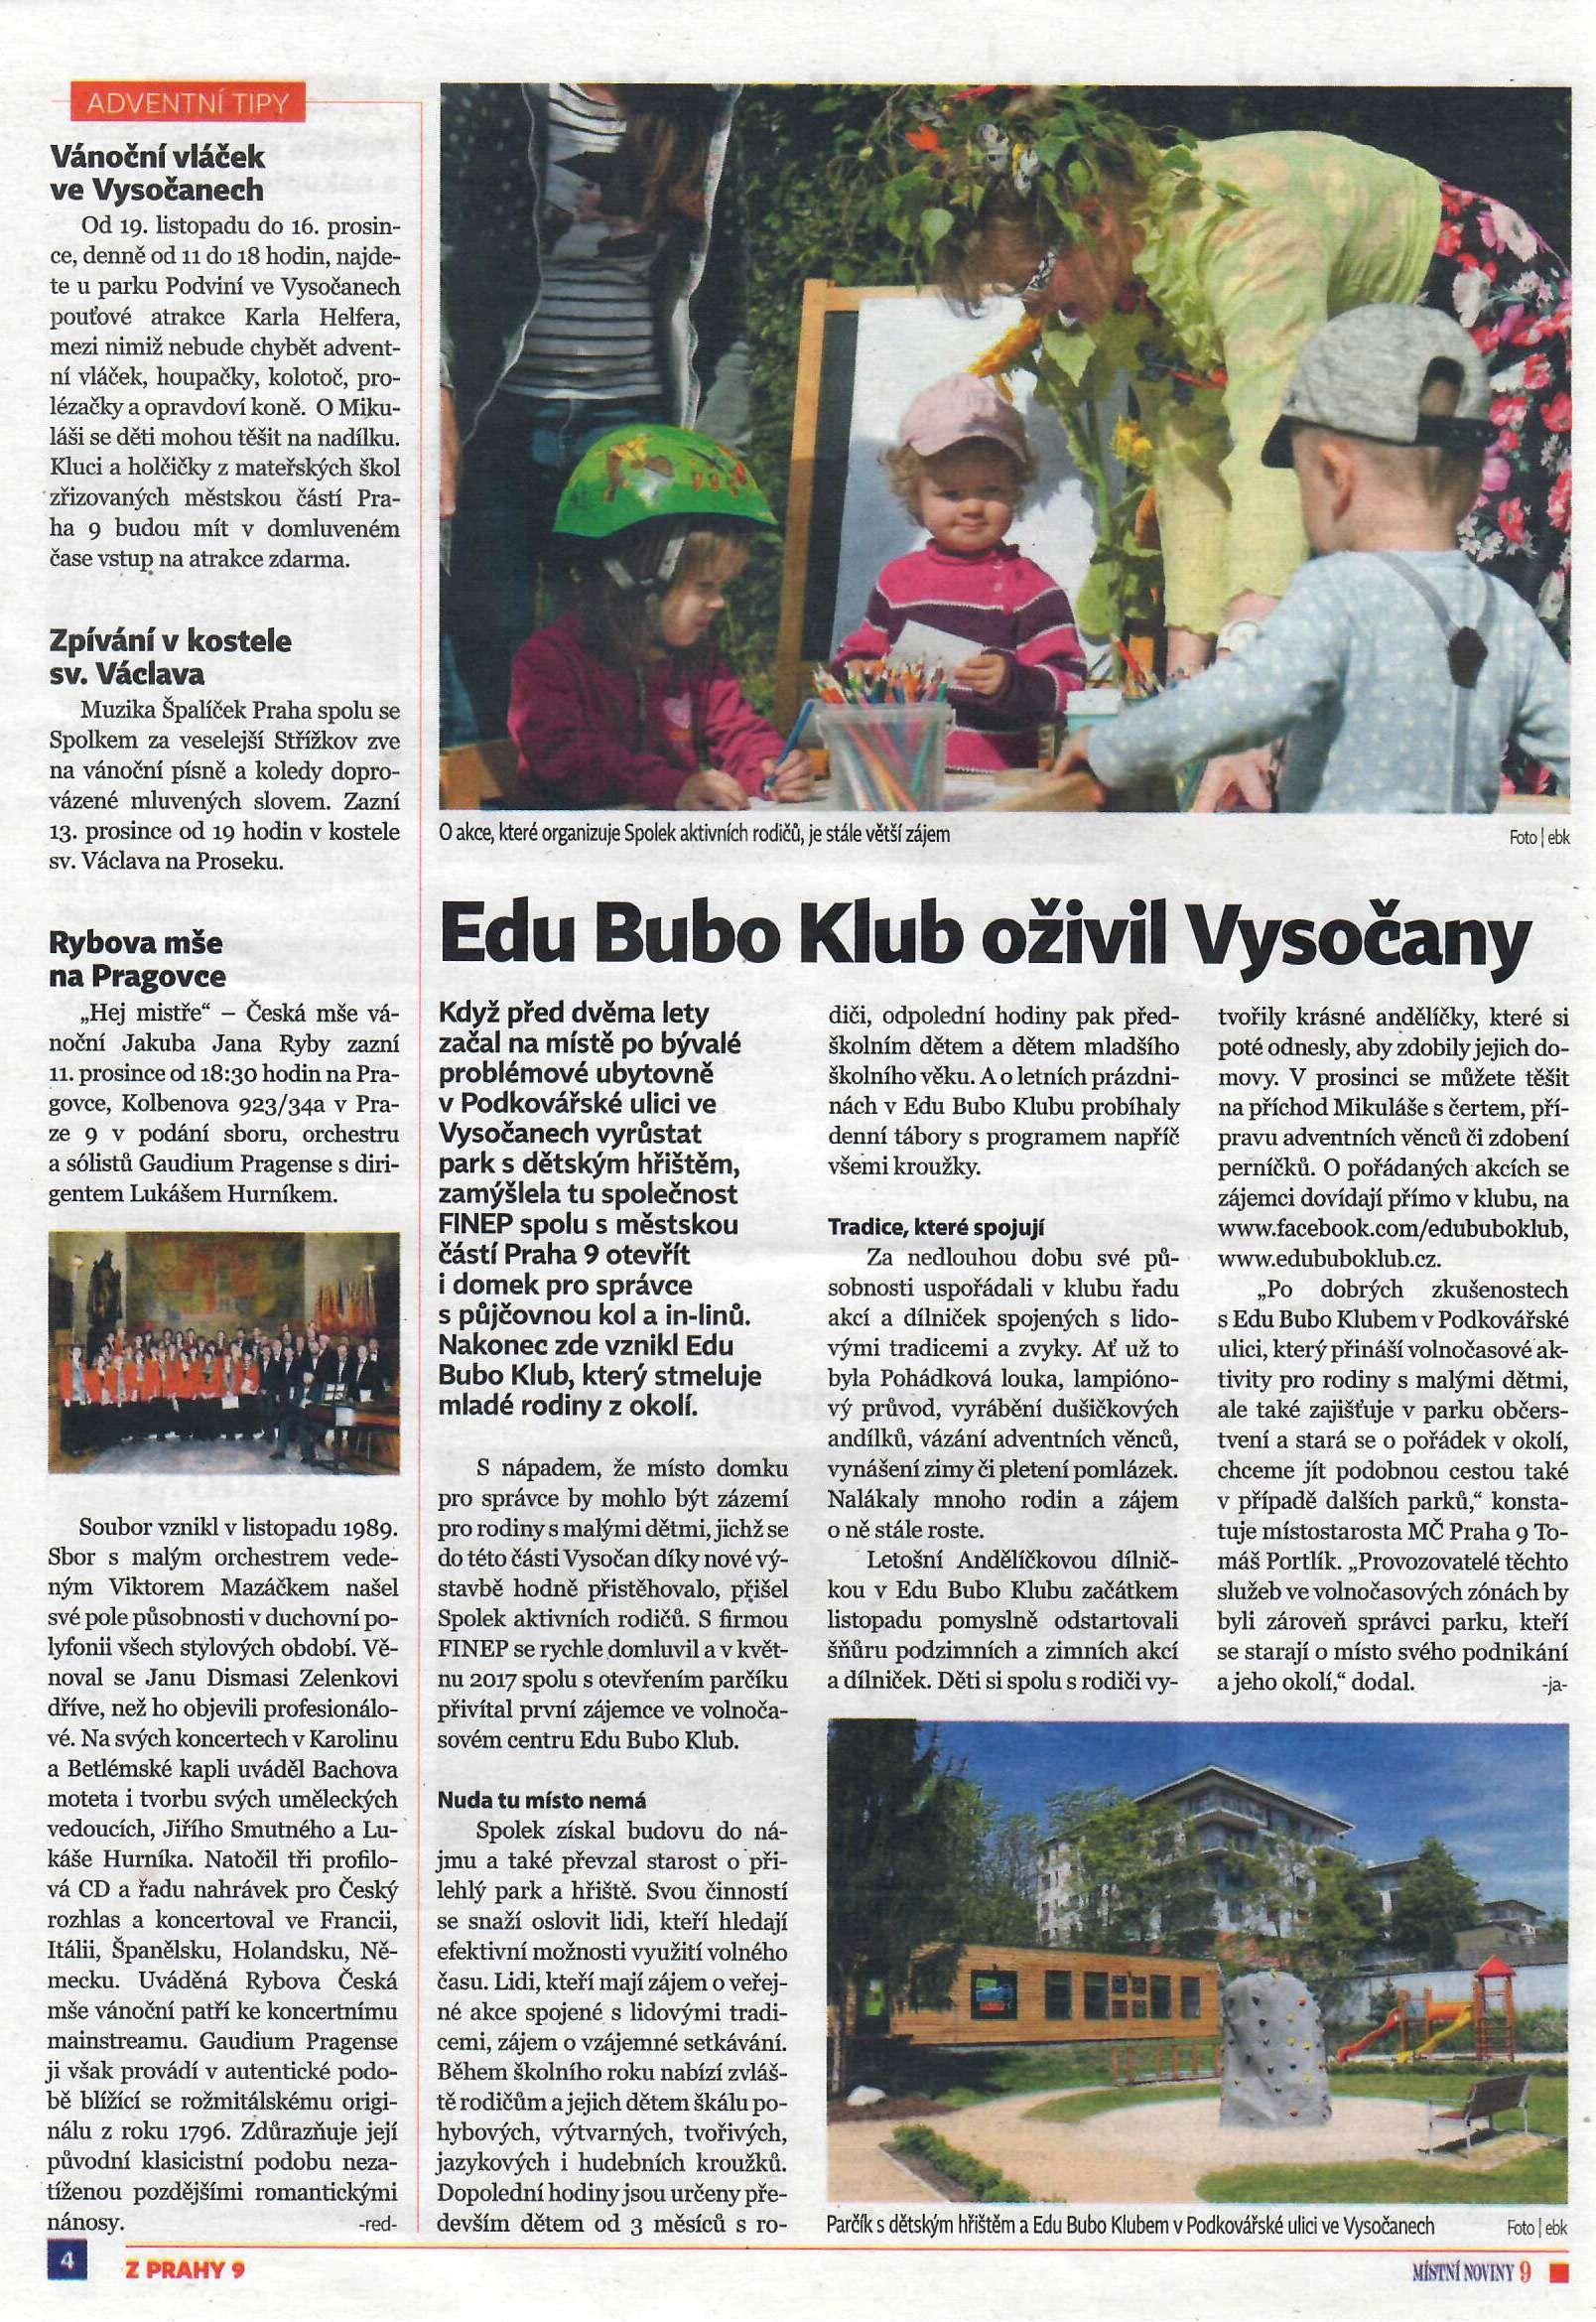 Edu Bubo Klub Vysočany